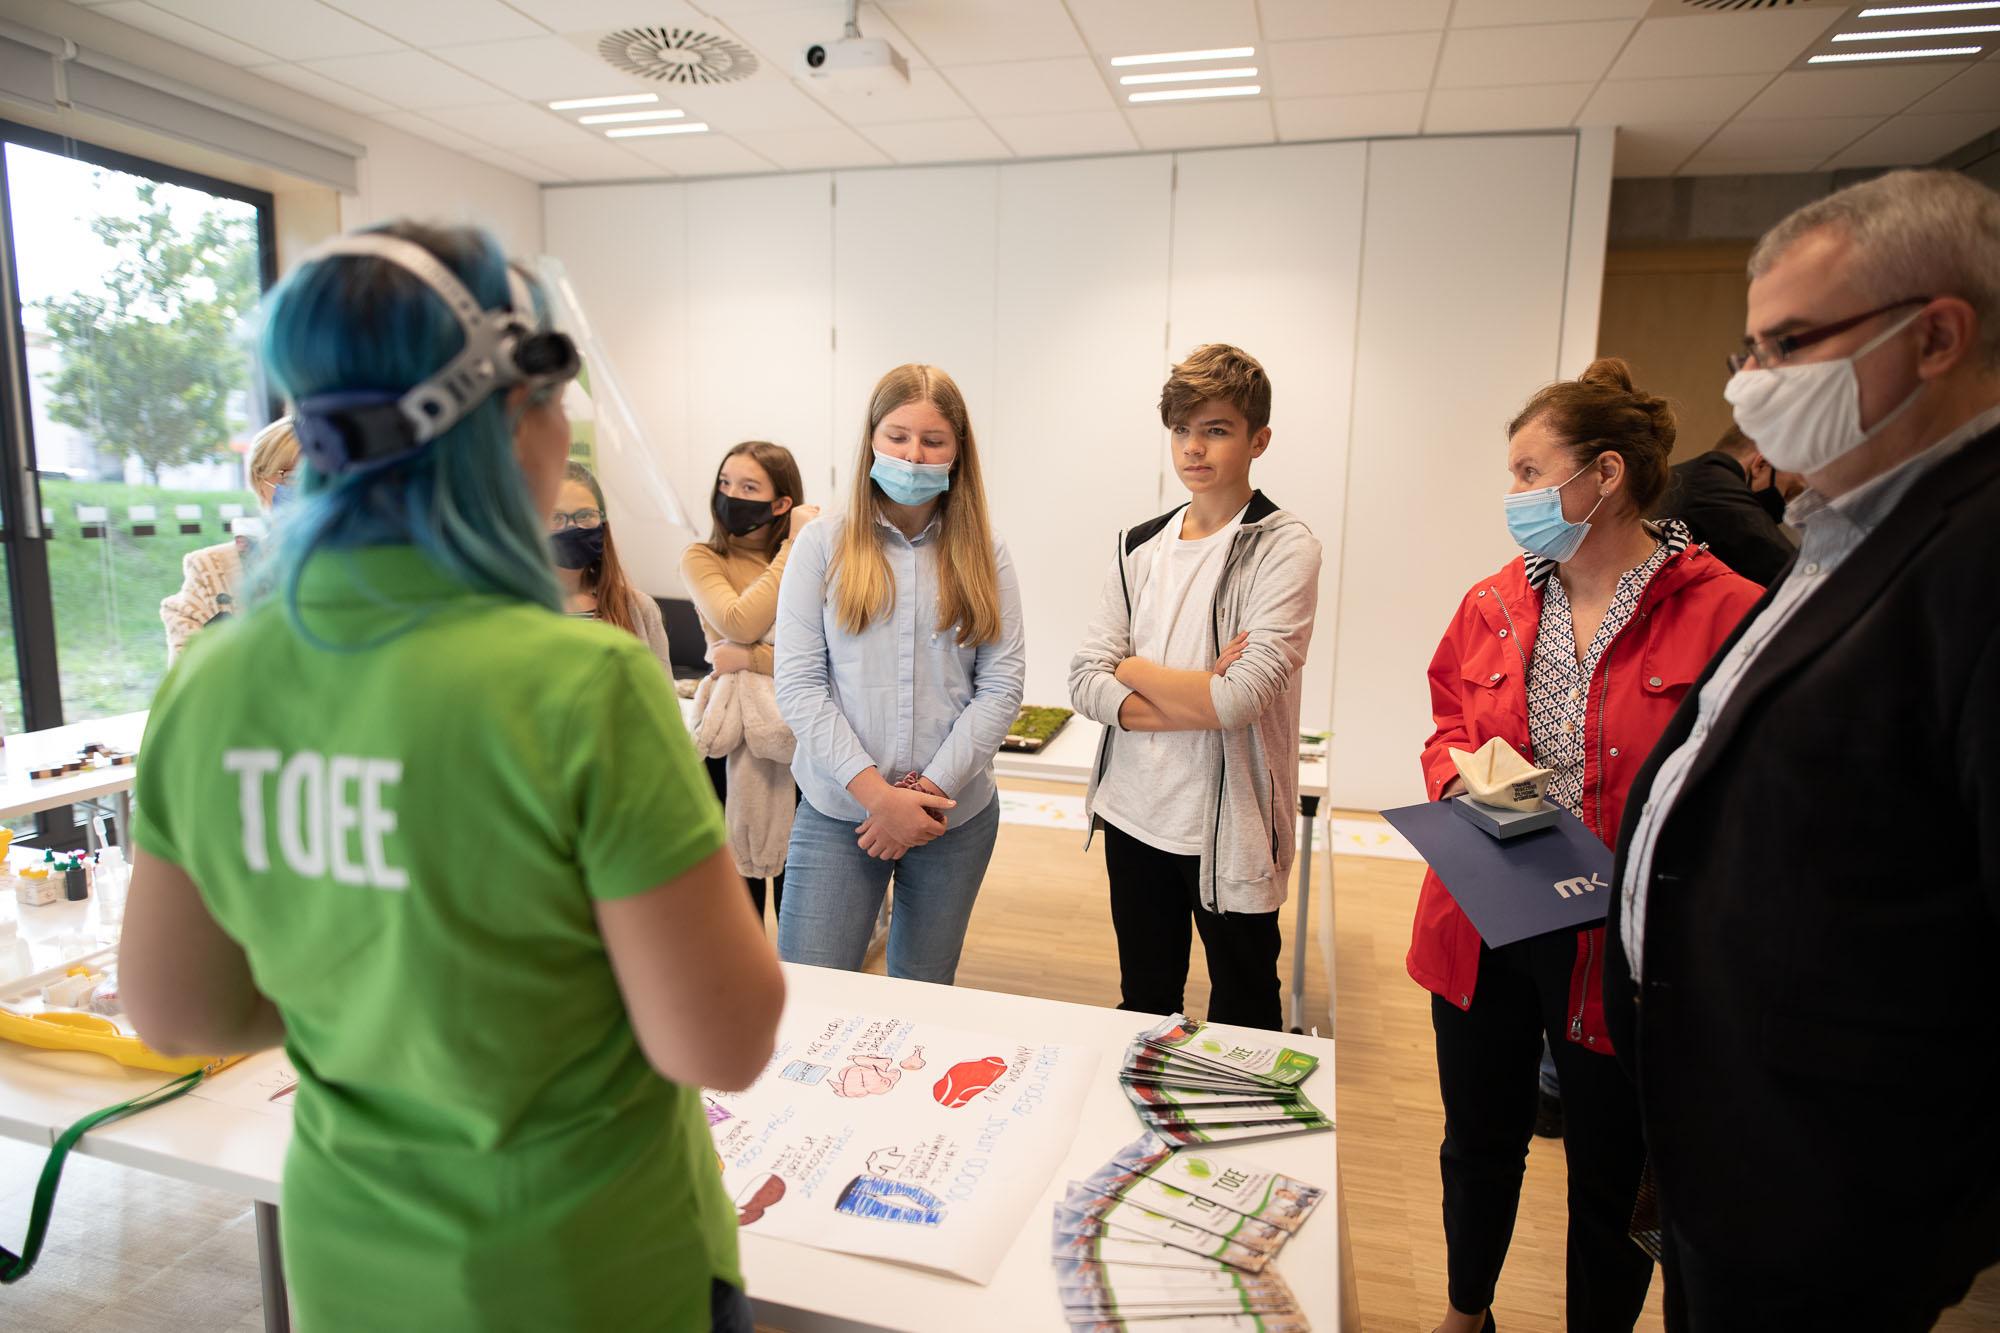 Pracownica TOEE rozmawia z grupką młodzieży podczas warsztatów ekologicznych w ramach 14. Dąbskich Wieczorów Filmowych